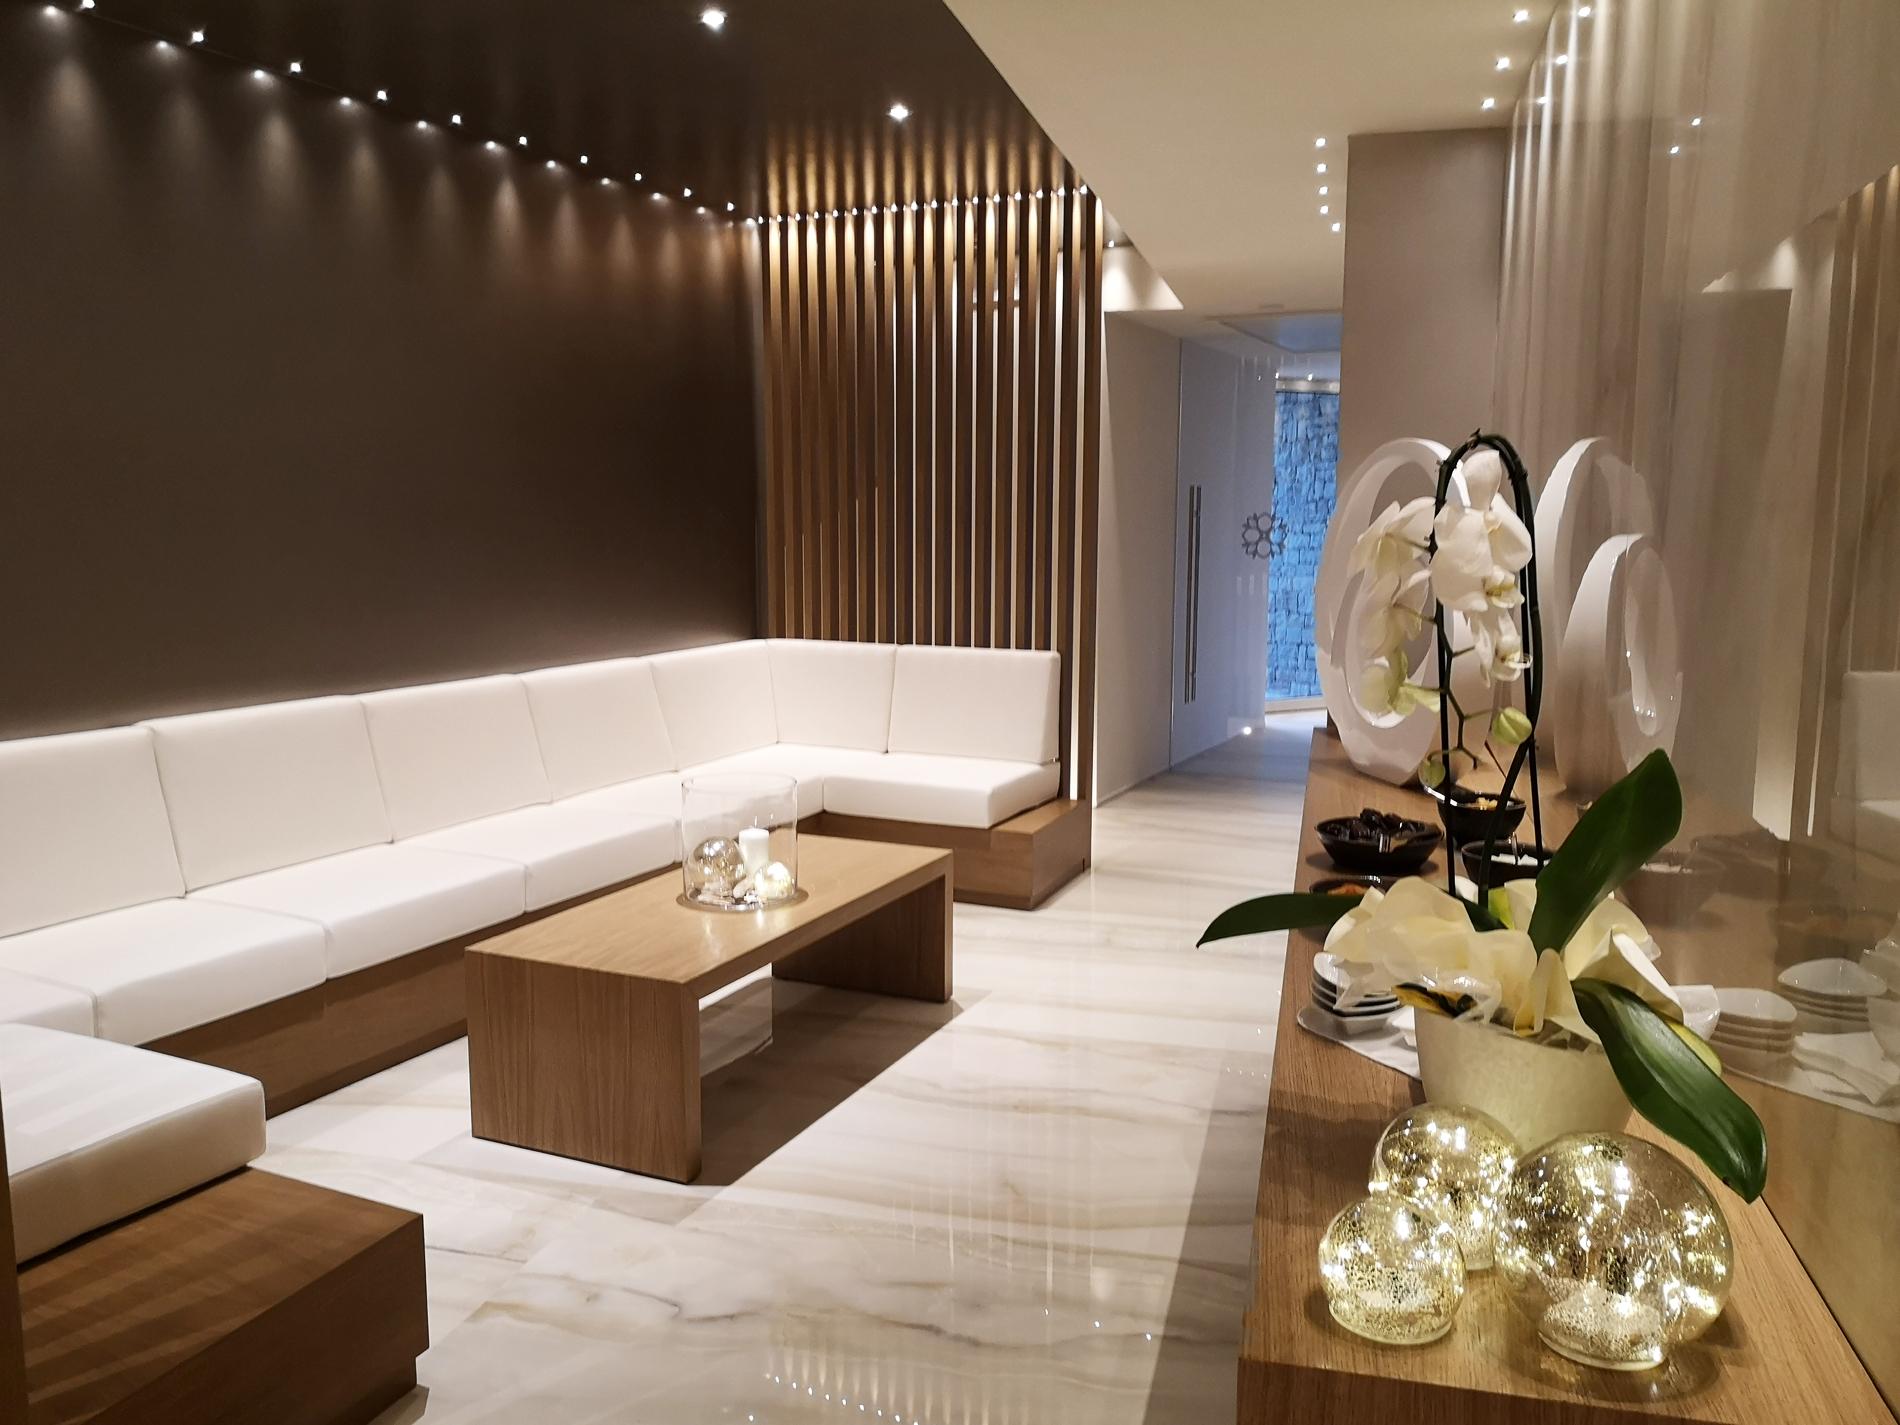 park_hotel_imperial_nuovo_wellness_spa701.jpg